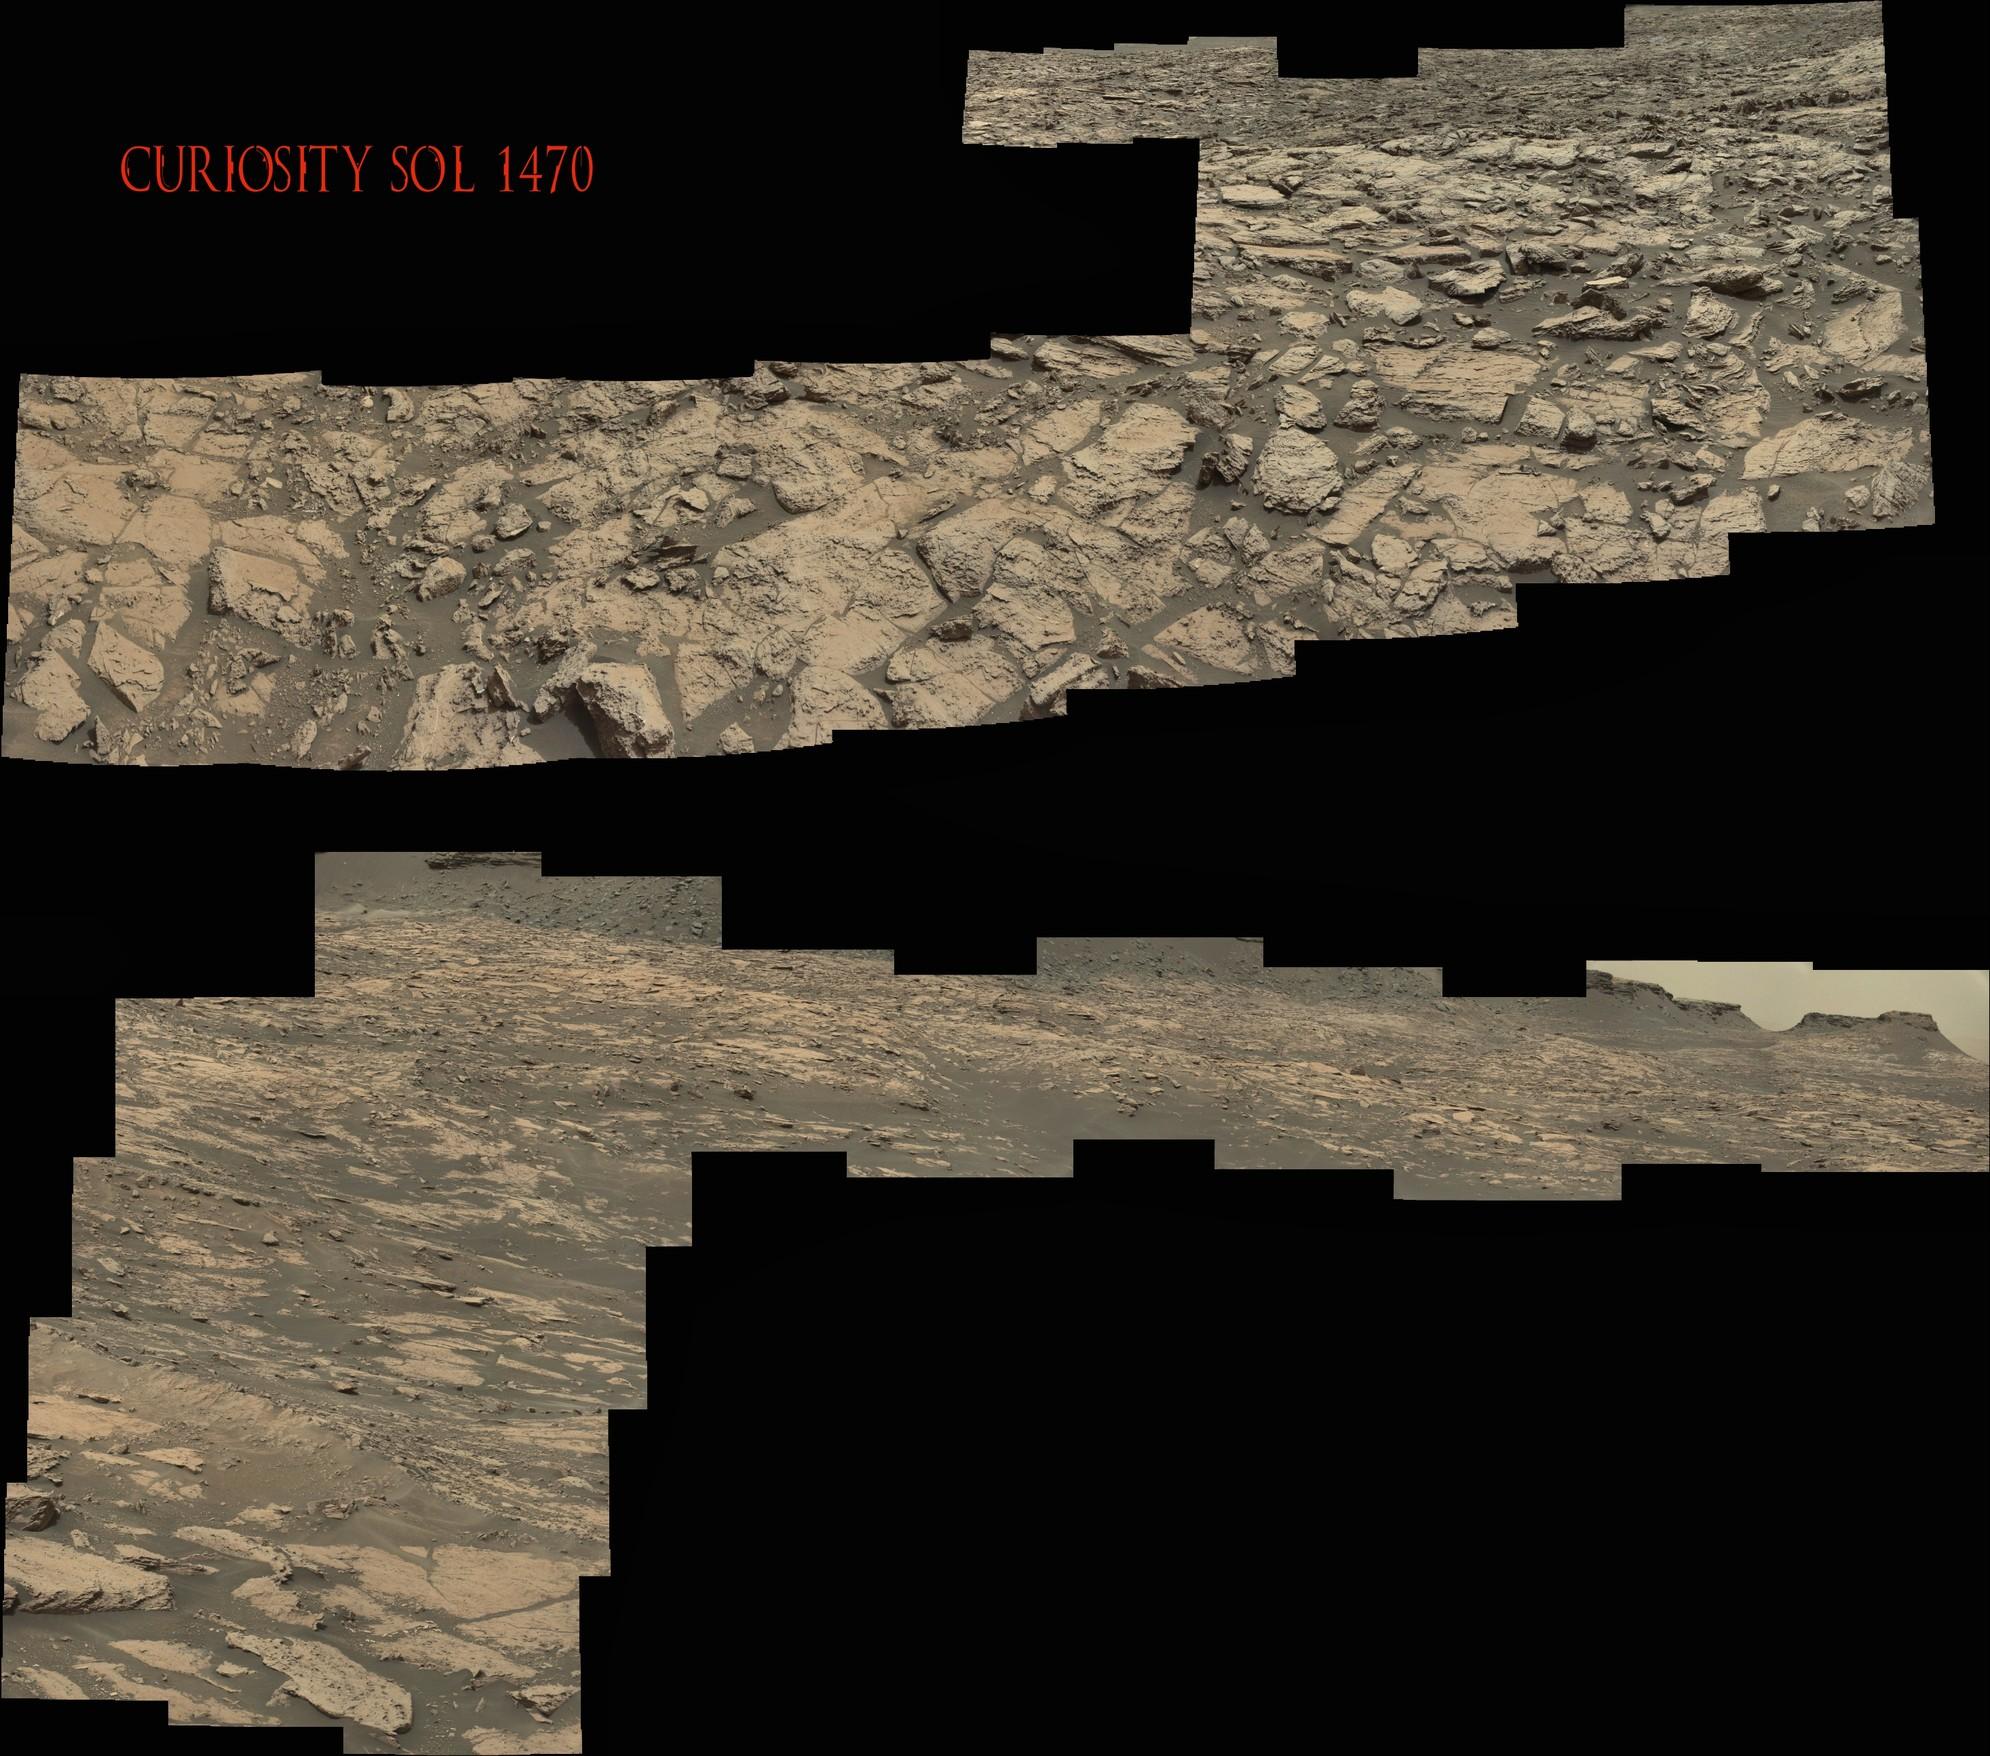 Curiosity Sol 1470